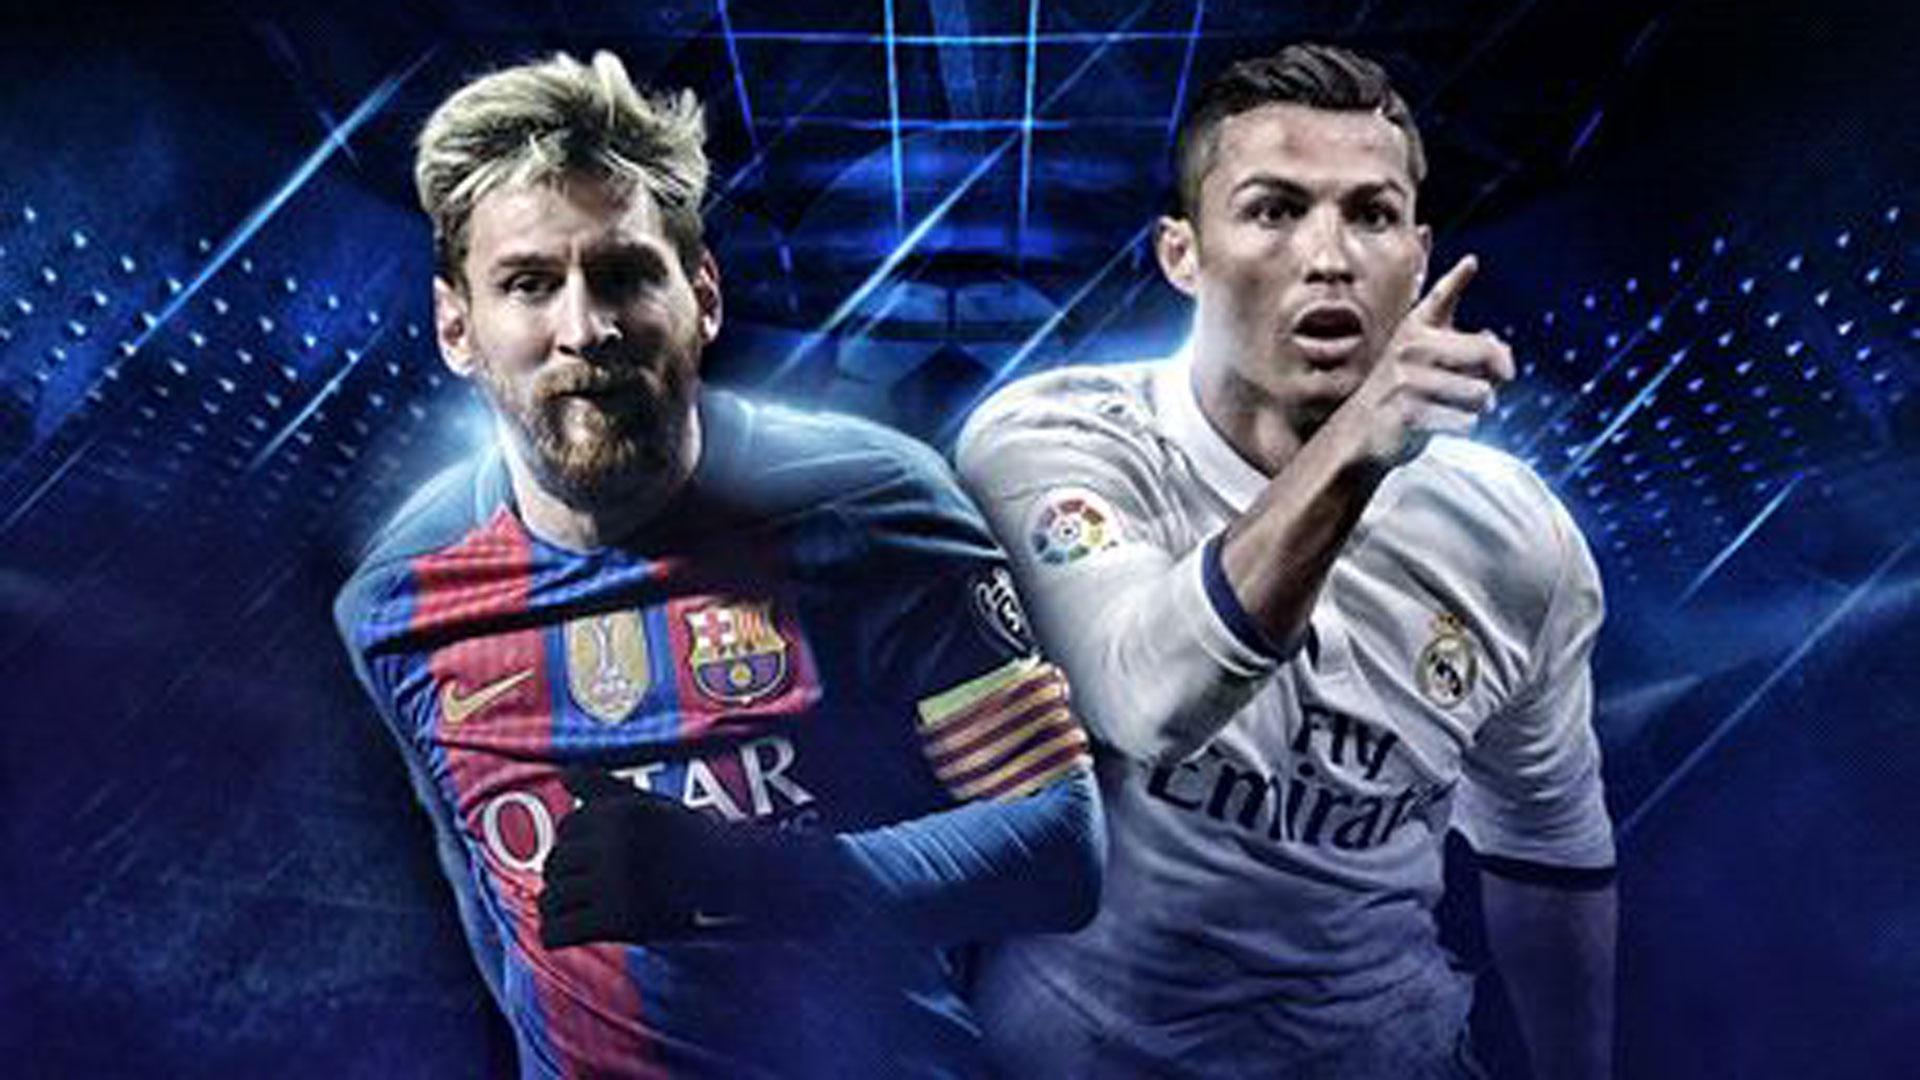 Según los medios catalanes, Cristiano Ronaldo ganará el Balón de Oro 2016